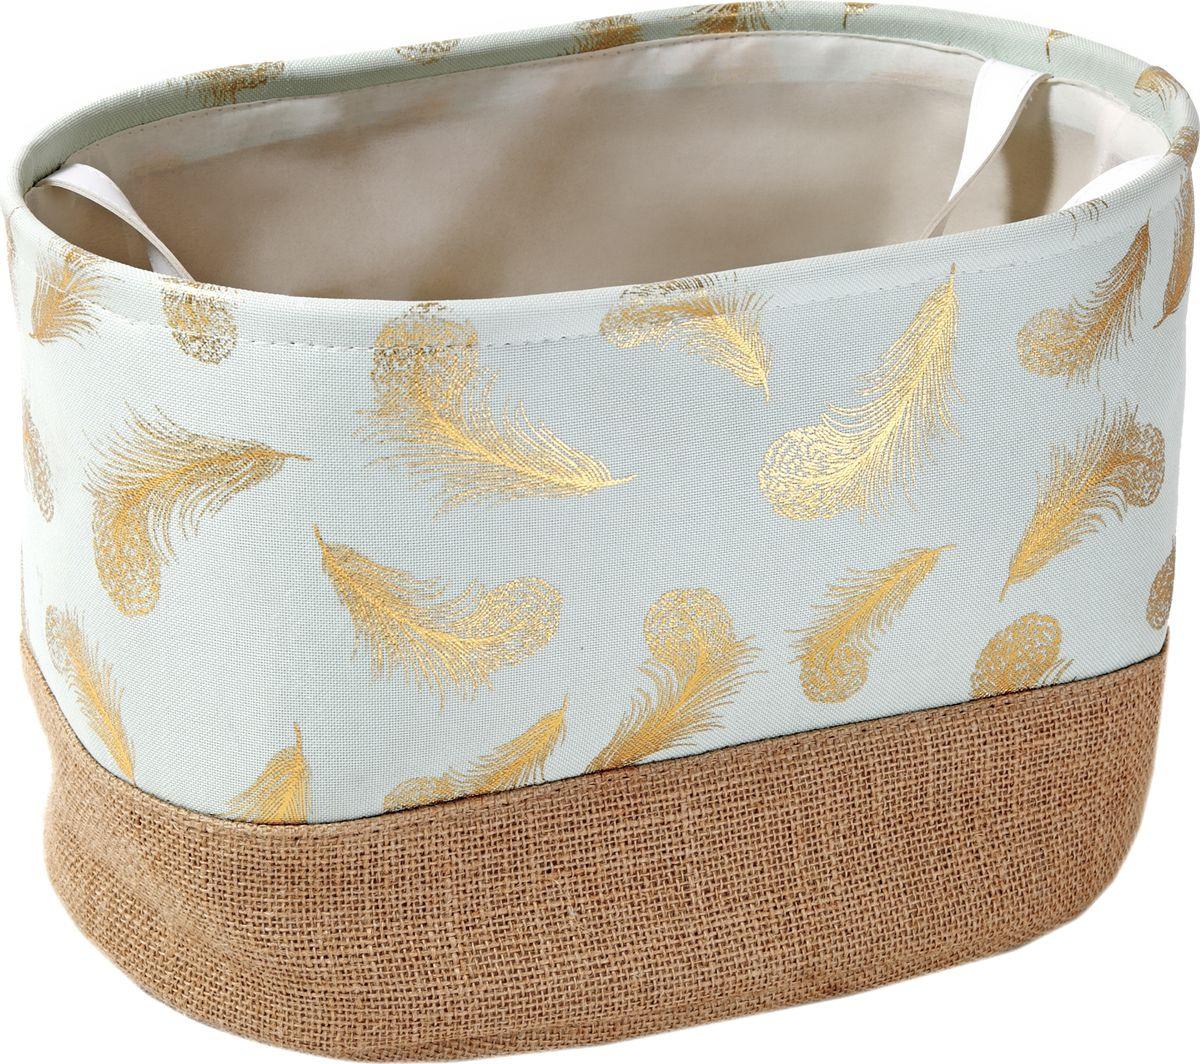 Корзина для белья Magic Home Золотистые перья, 79566, зеленый, 27 x 37 x 24 см корзина складная outwell folding basket цвет зеленый 50 x 29 x 25 см